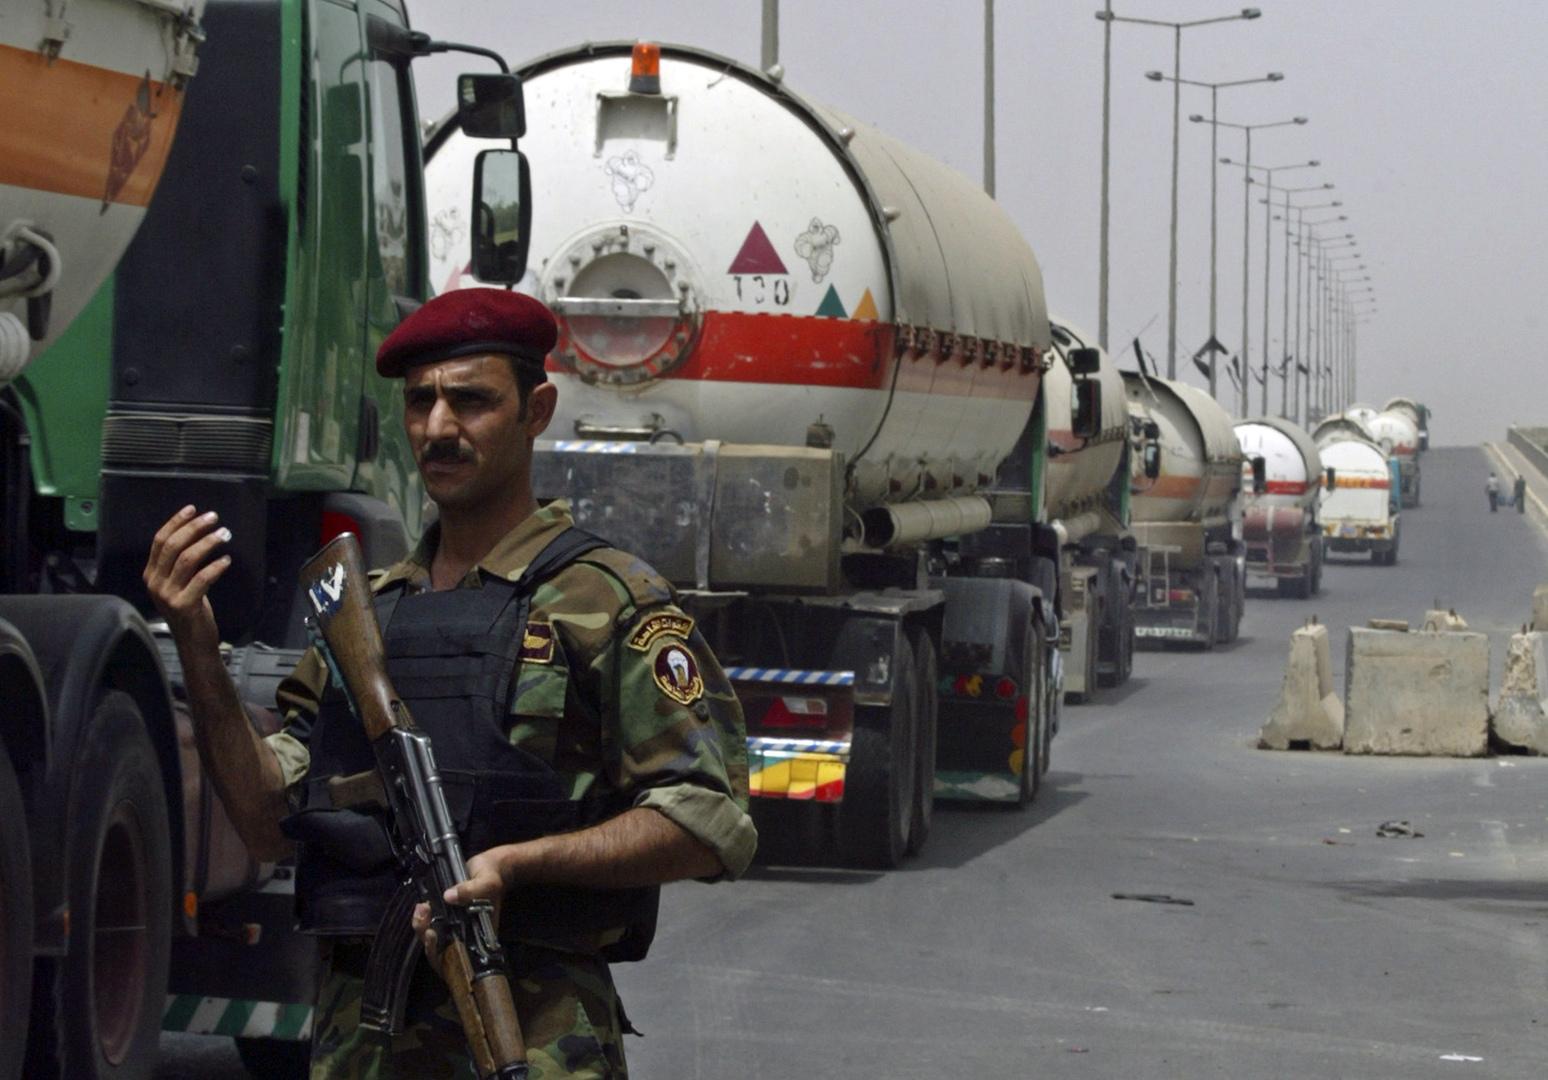 النفط العراقية تؤكد عدم تضرر الإنتاج والمحتجون  يغلقون مدخل ميناء أم قصر